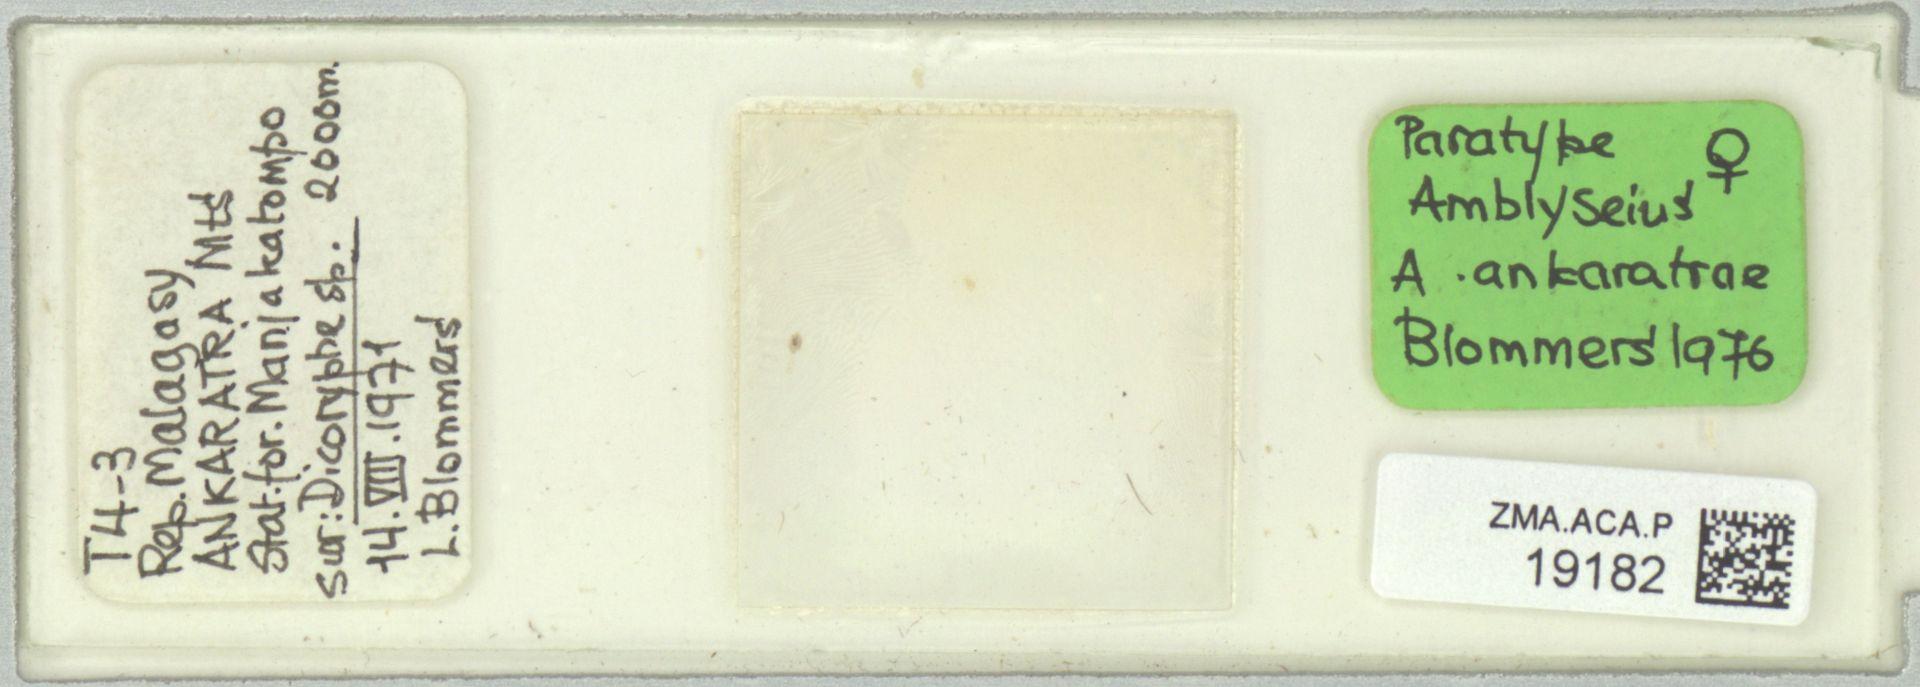 ZMA.ACA.P.19182 | Amblyseius (Amblyseius) ankaratrae Blommers, 1976